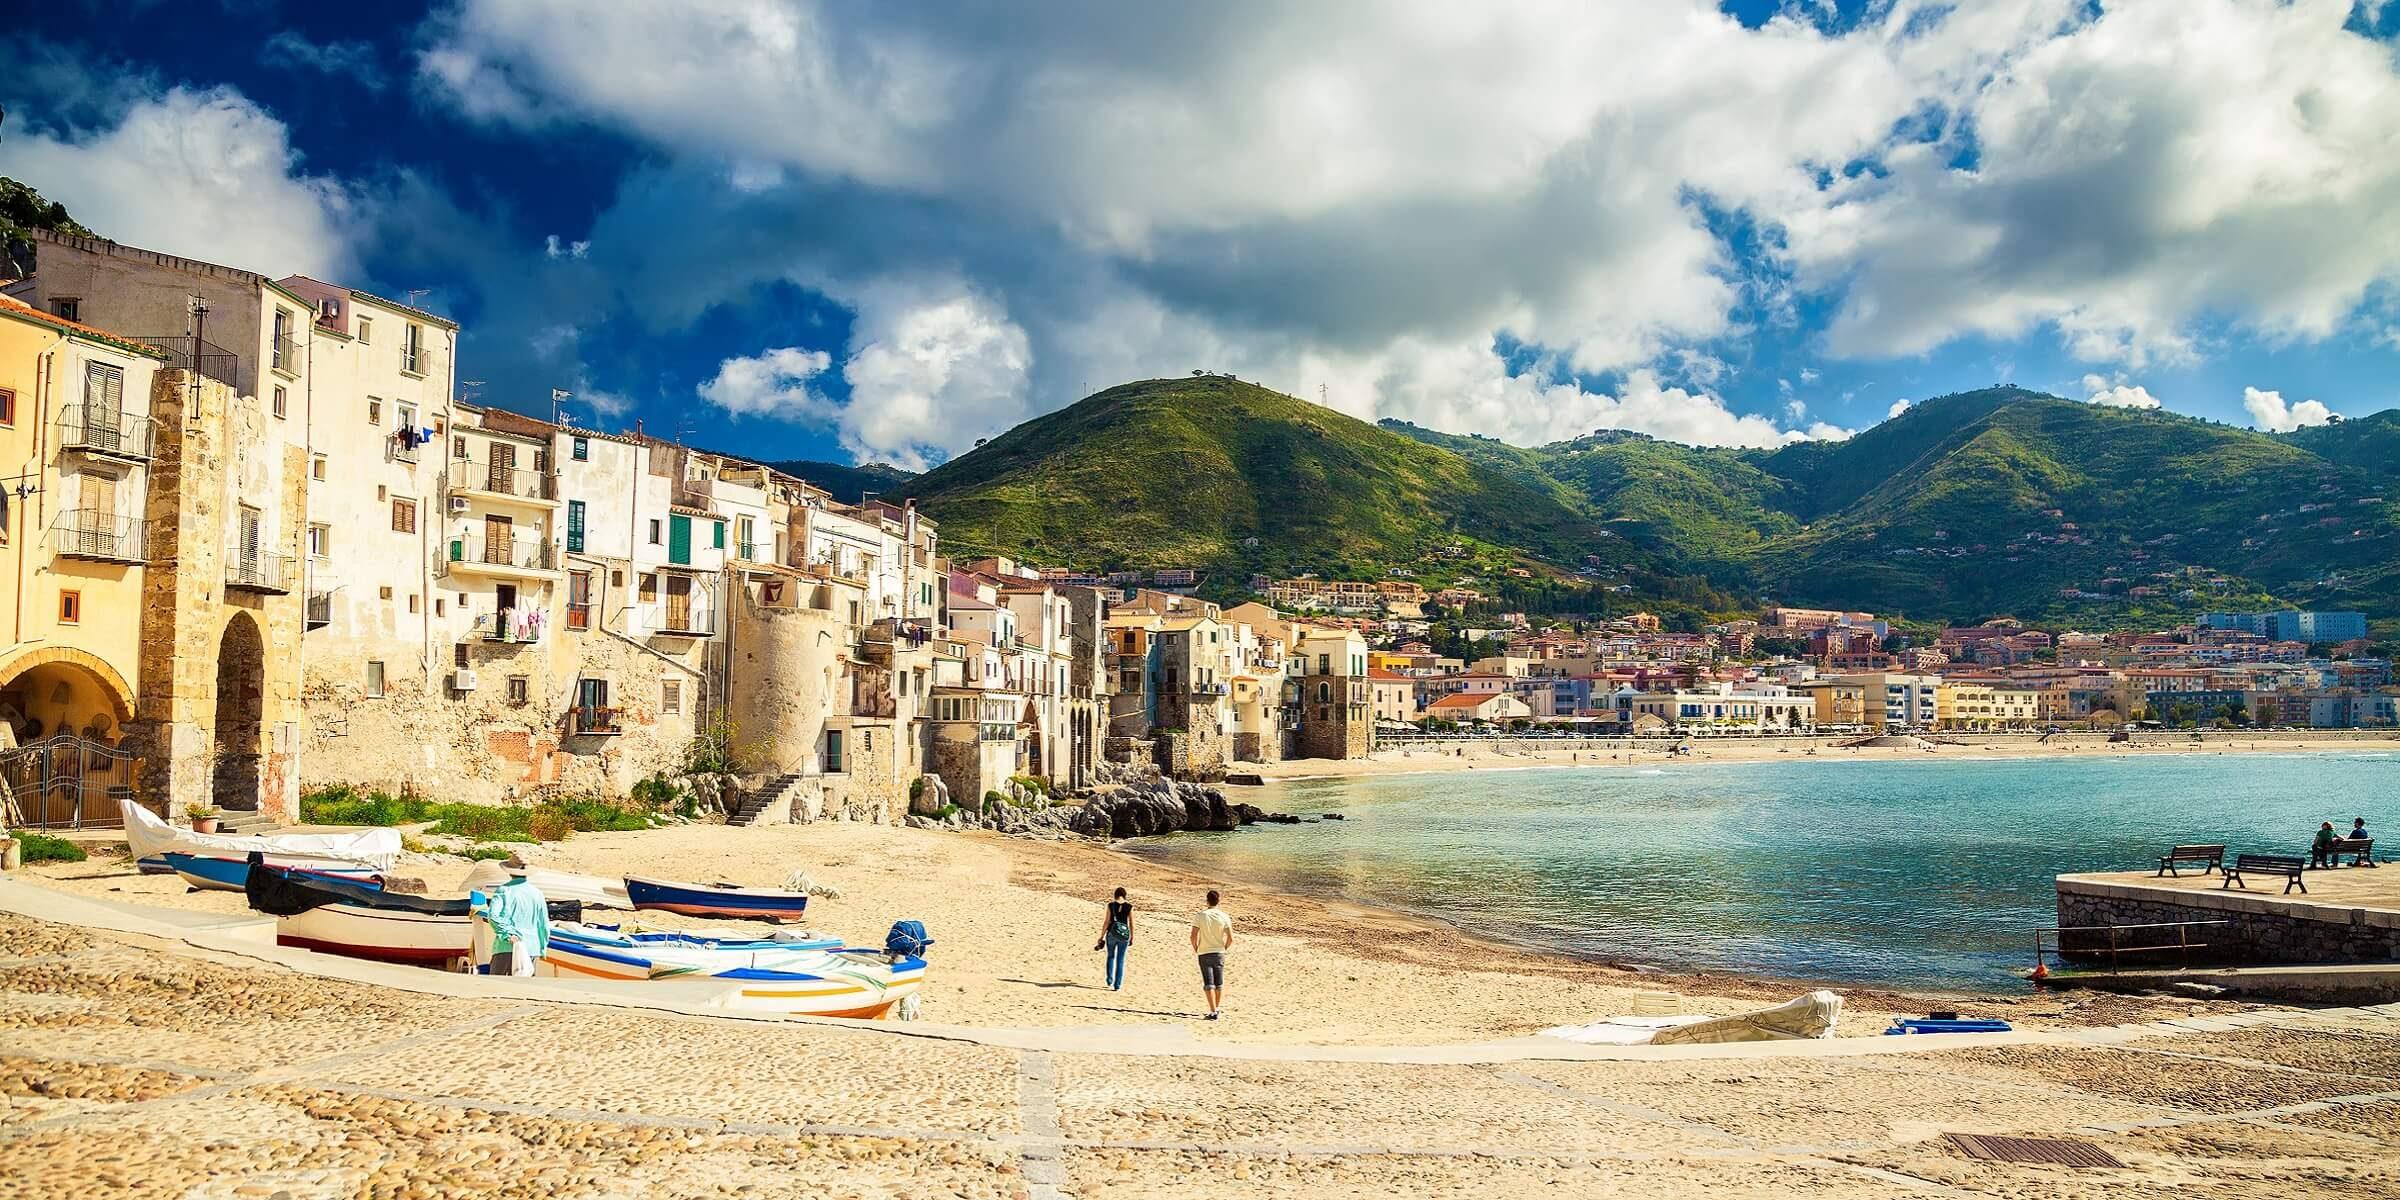 Kleiner aber feiner Strandabschnitt auf Sizilien